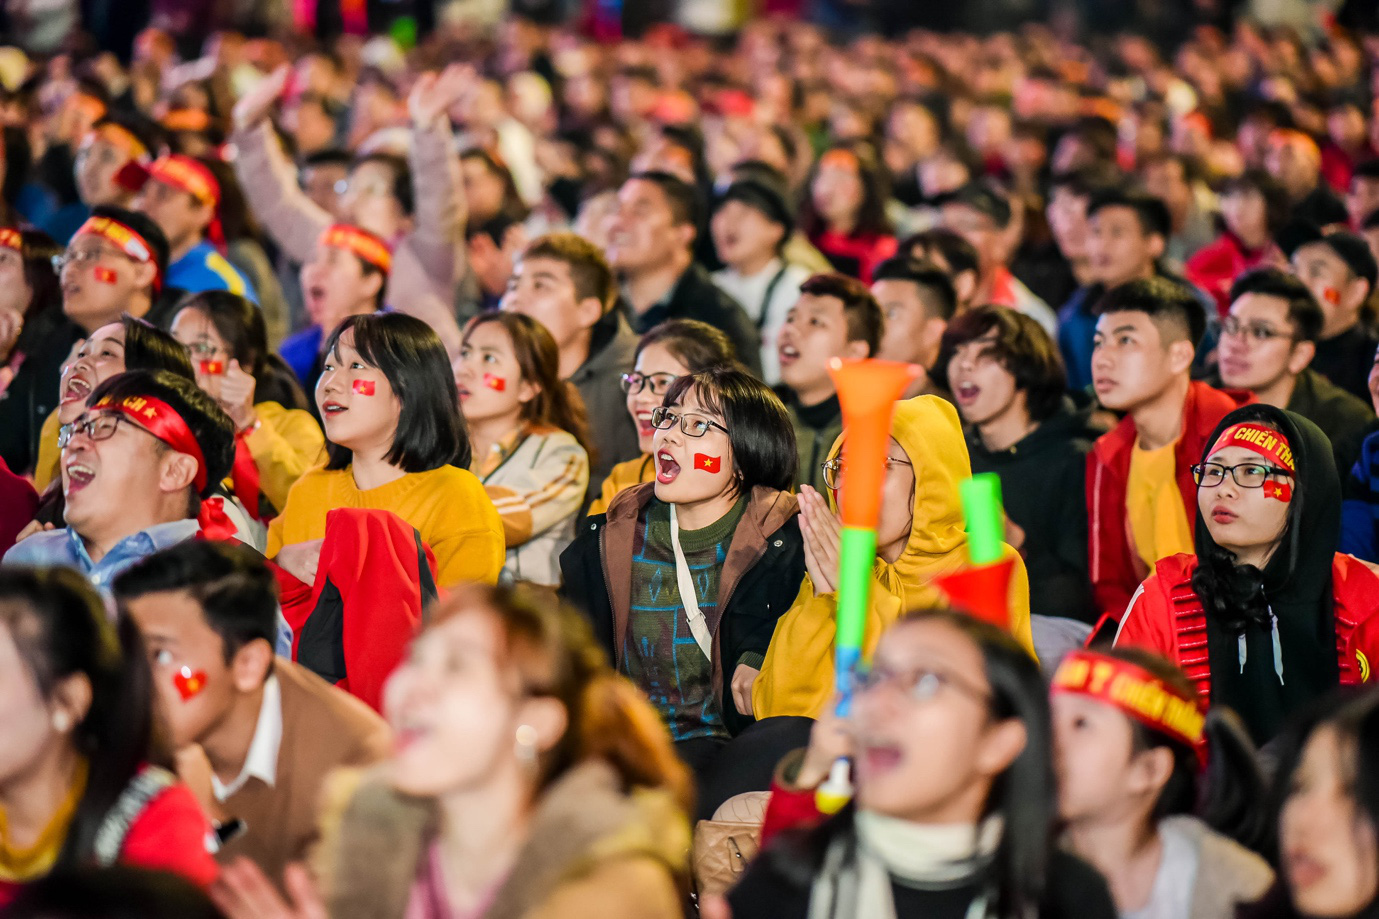 Tối nay, Hà Nội mở đại tiệc bóng đá trước Nhà hát Lớn, chờ U22 bất bại rinh vàng lịch sử! - Ảnh 3.